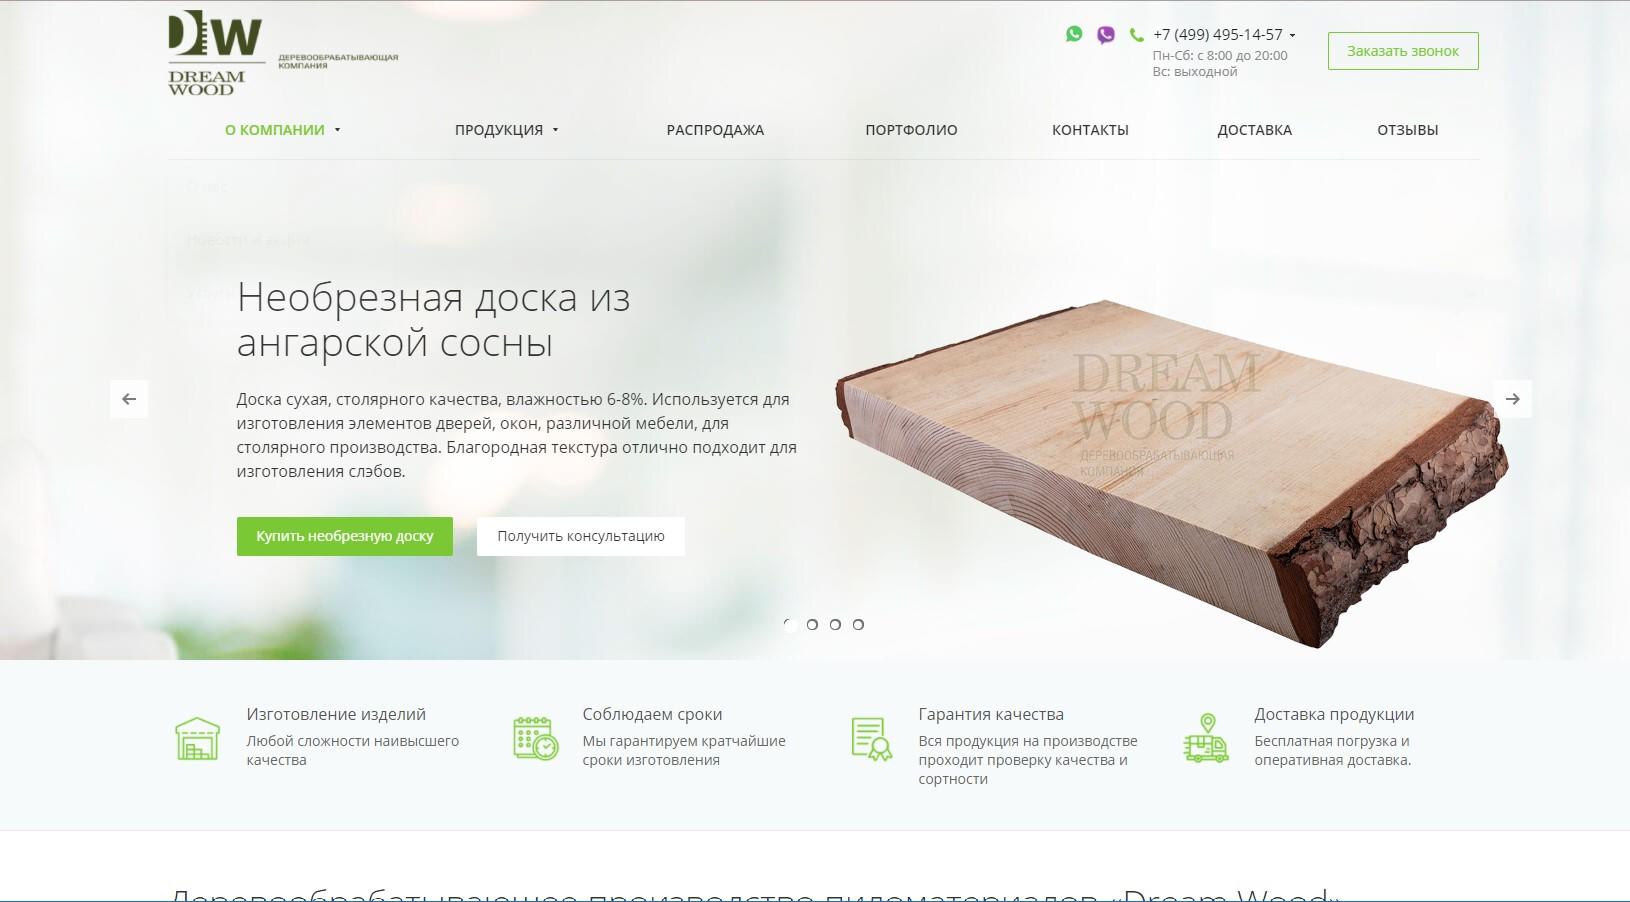 dreamwood.ru